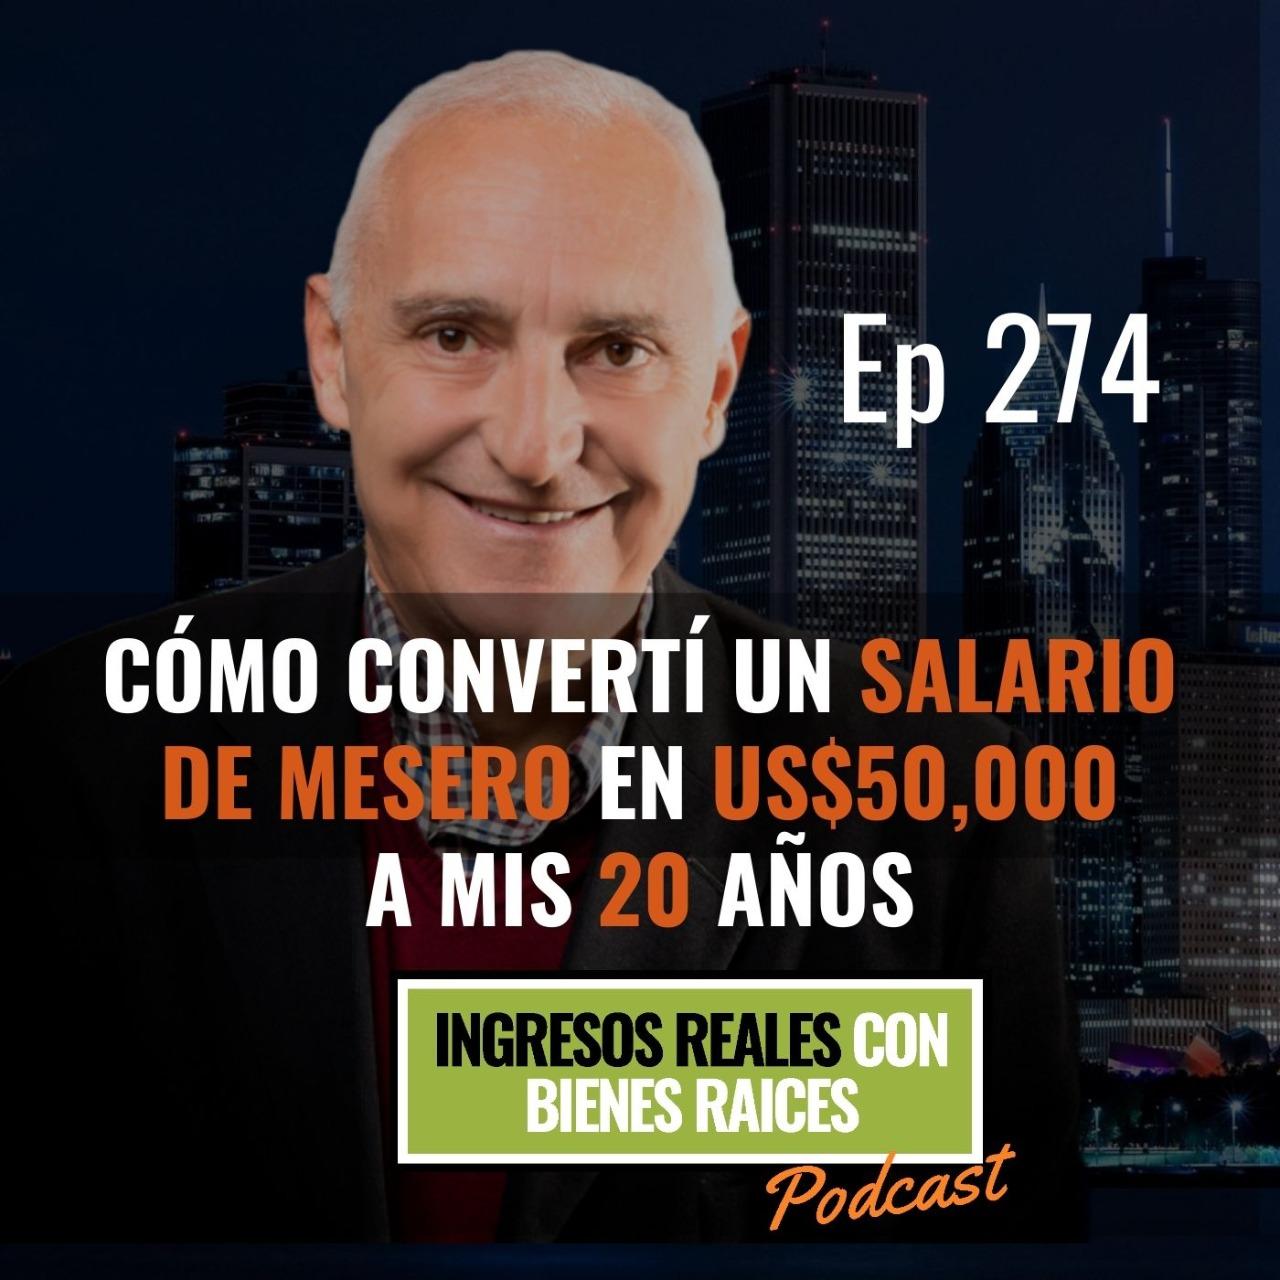 E274–Cómo convertí un salario de mesero en US$50,000 a mis 20 años